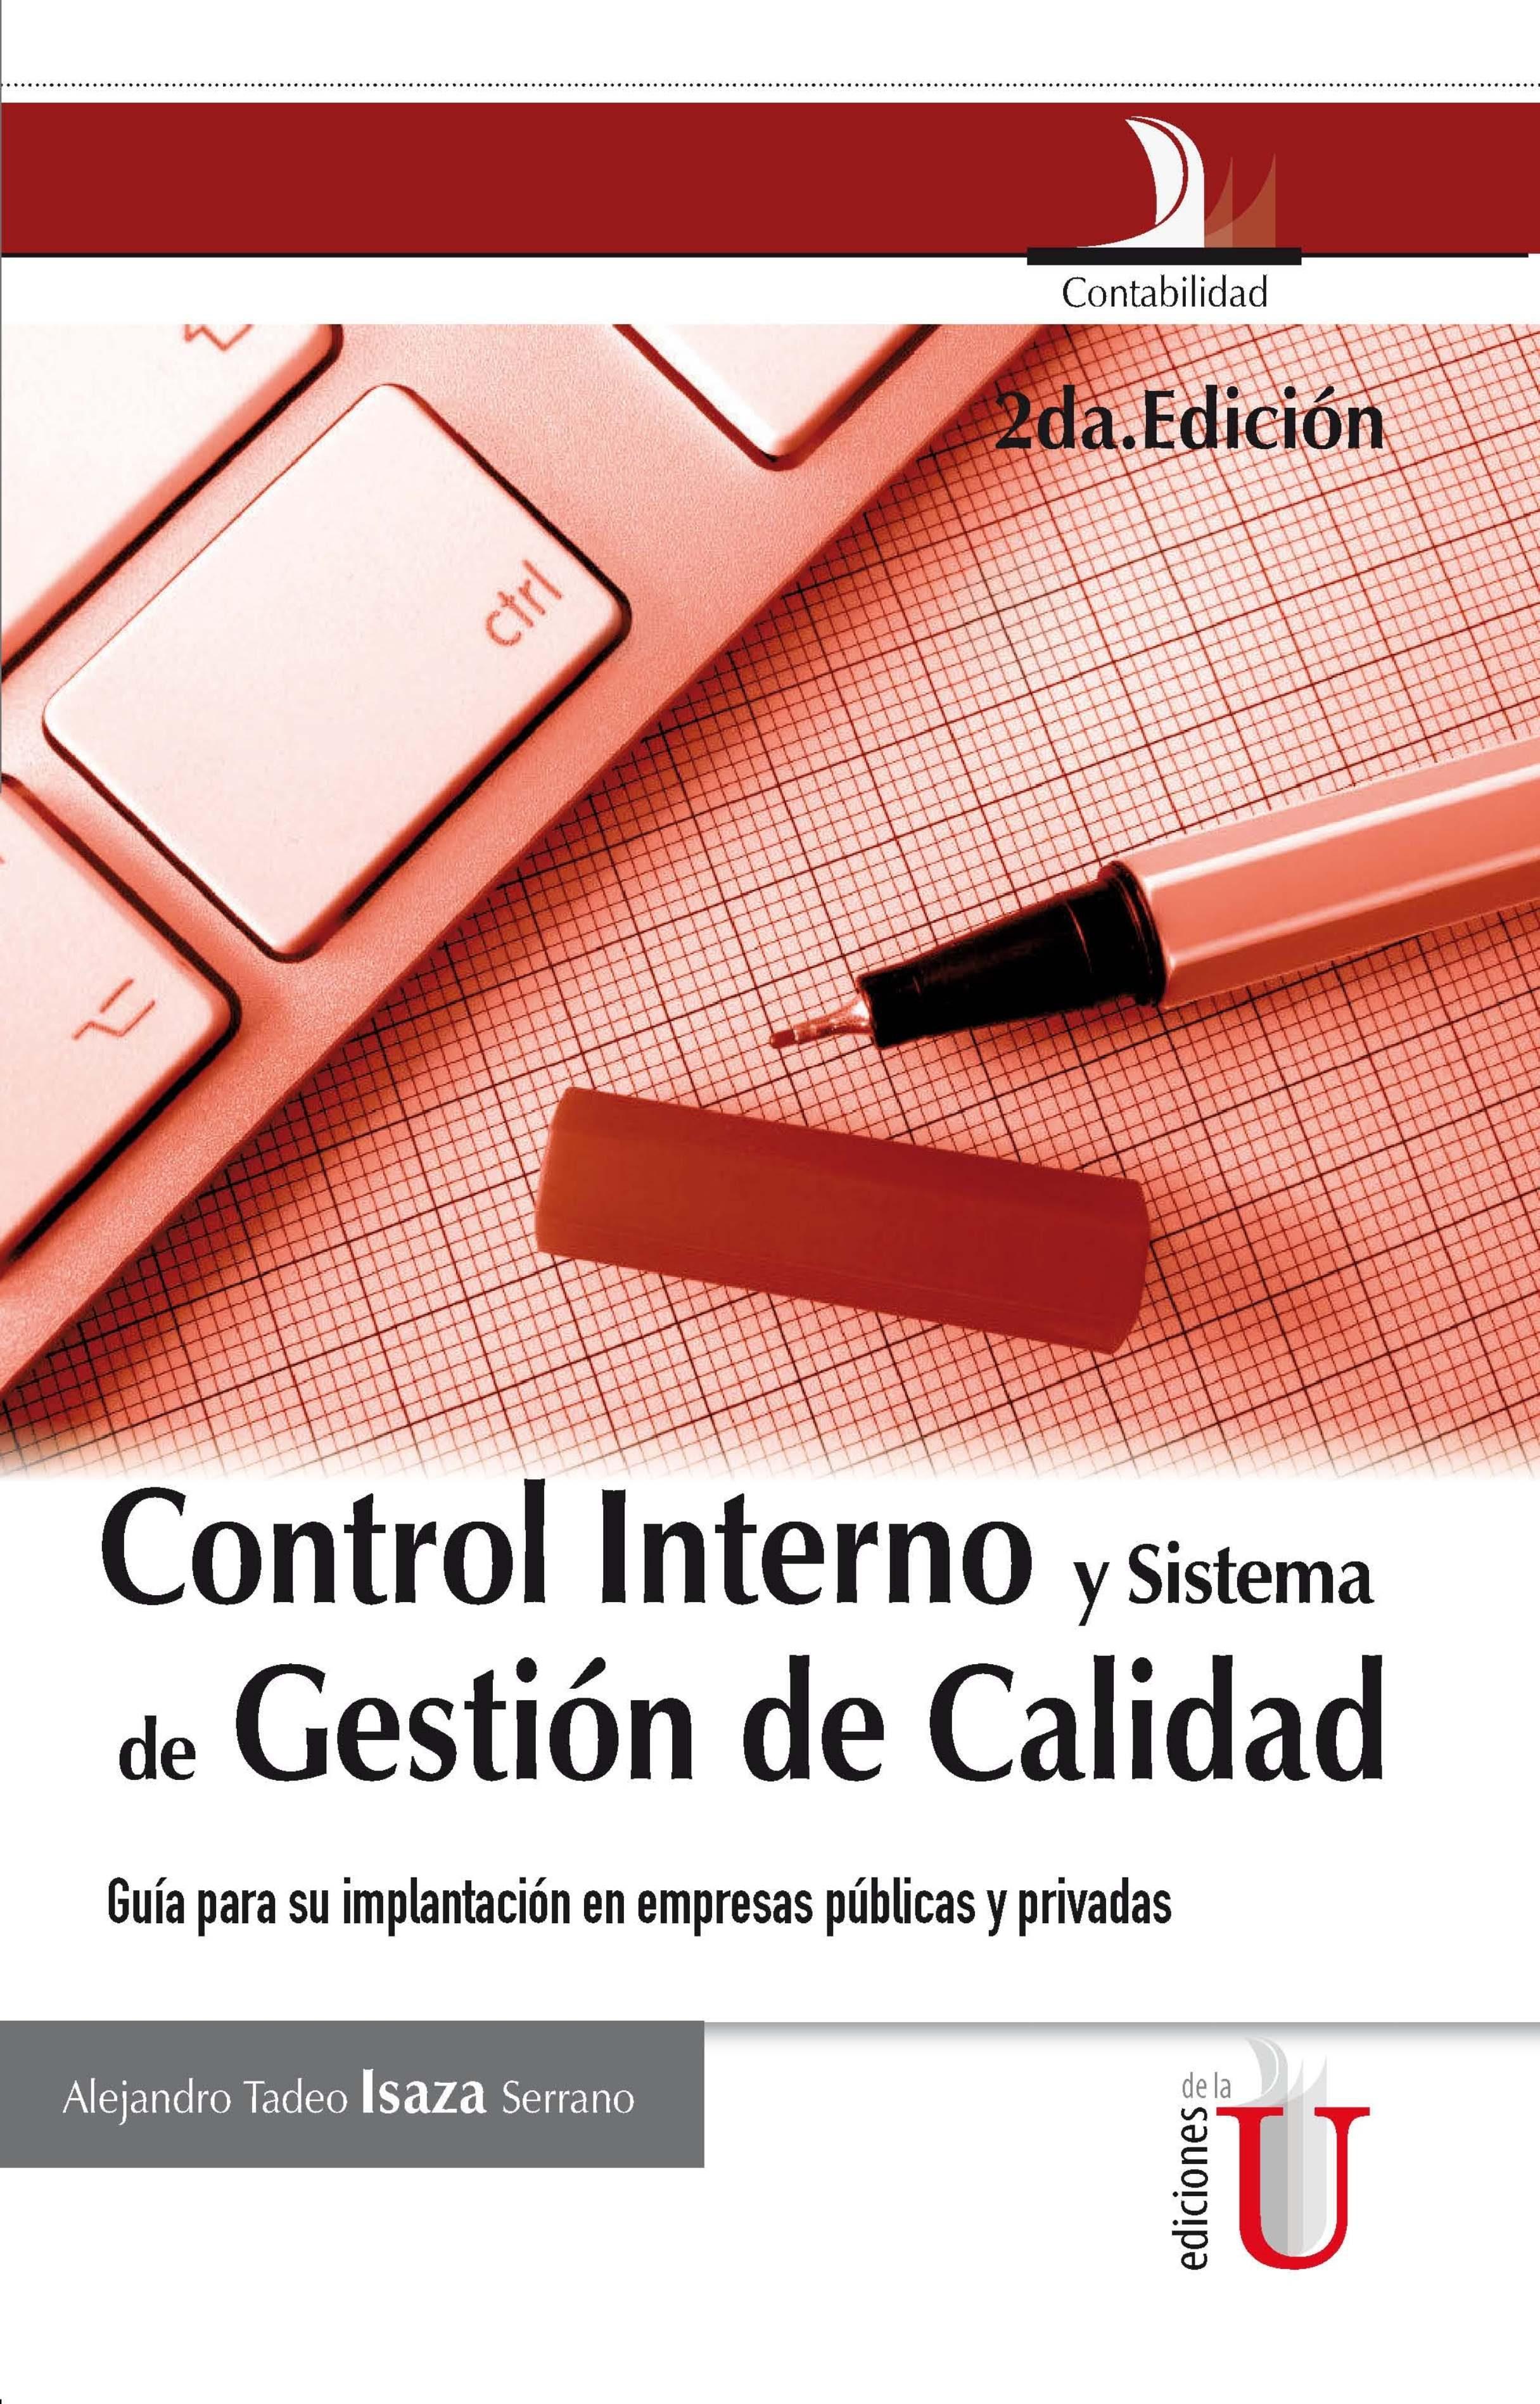 CONTROL INTERNO Y SISTEMA DE GESTION DE CALIDAD EBOOK ... @tataya.com.mx 2021